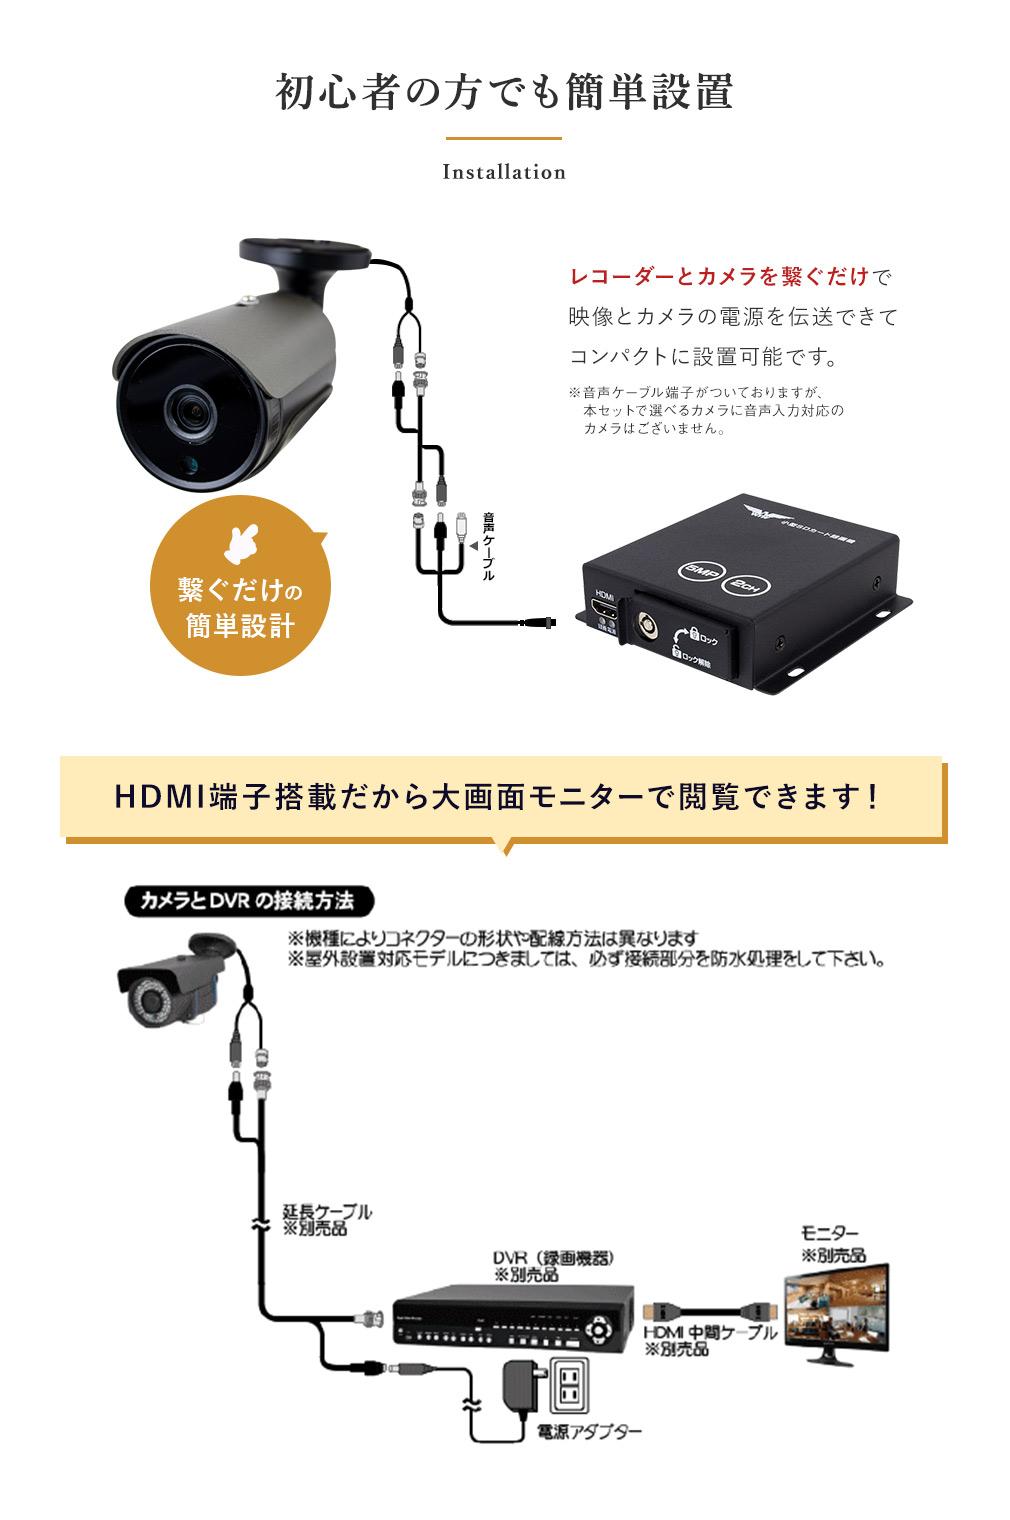 小型です 500万画素小型録画機 SD-DVR高解像度デジタルビデオレコーダードローン用